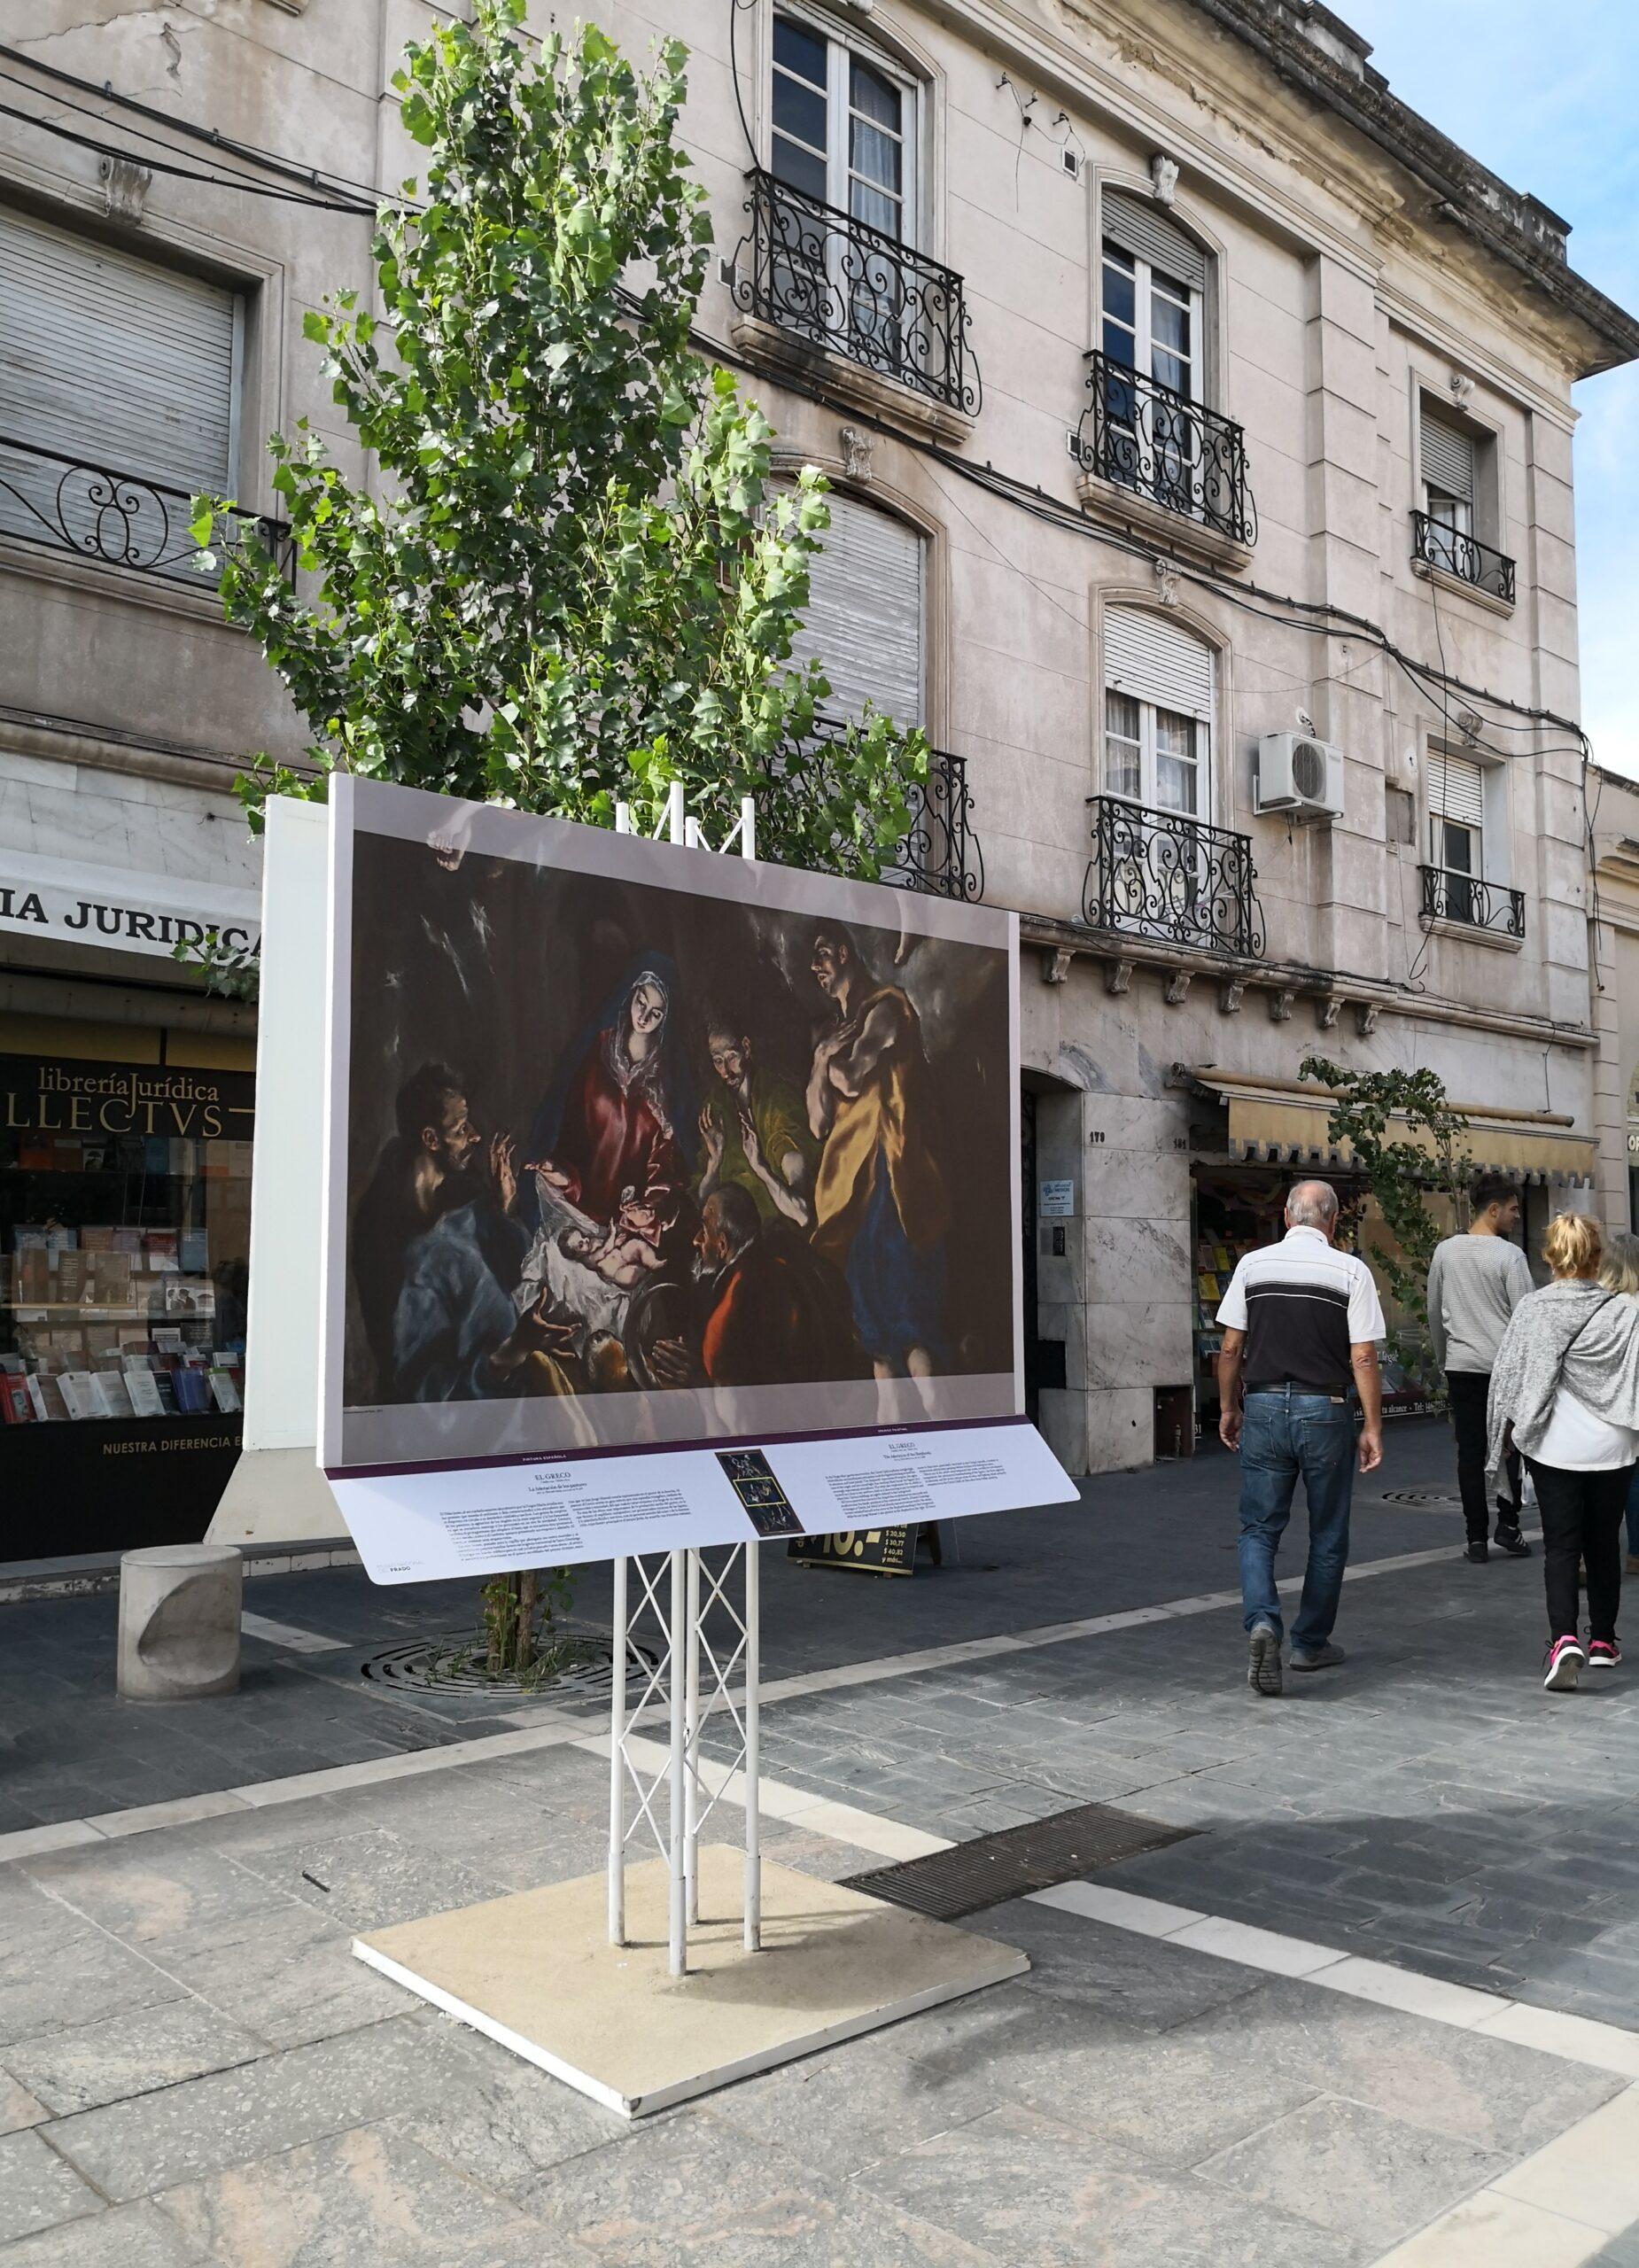 De Madrid a Córdoba: el Museo del Prado por las calles de La Docta